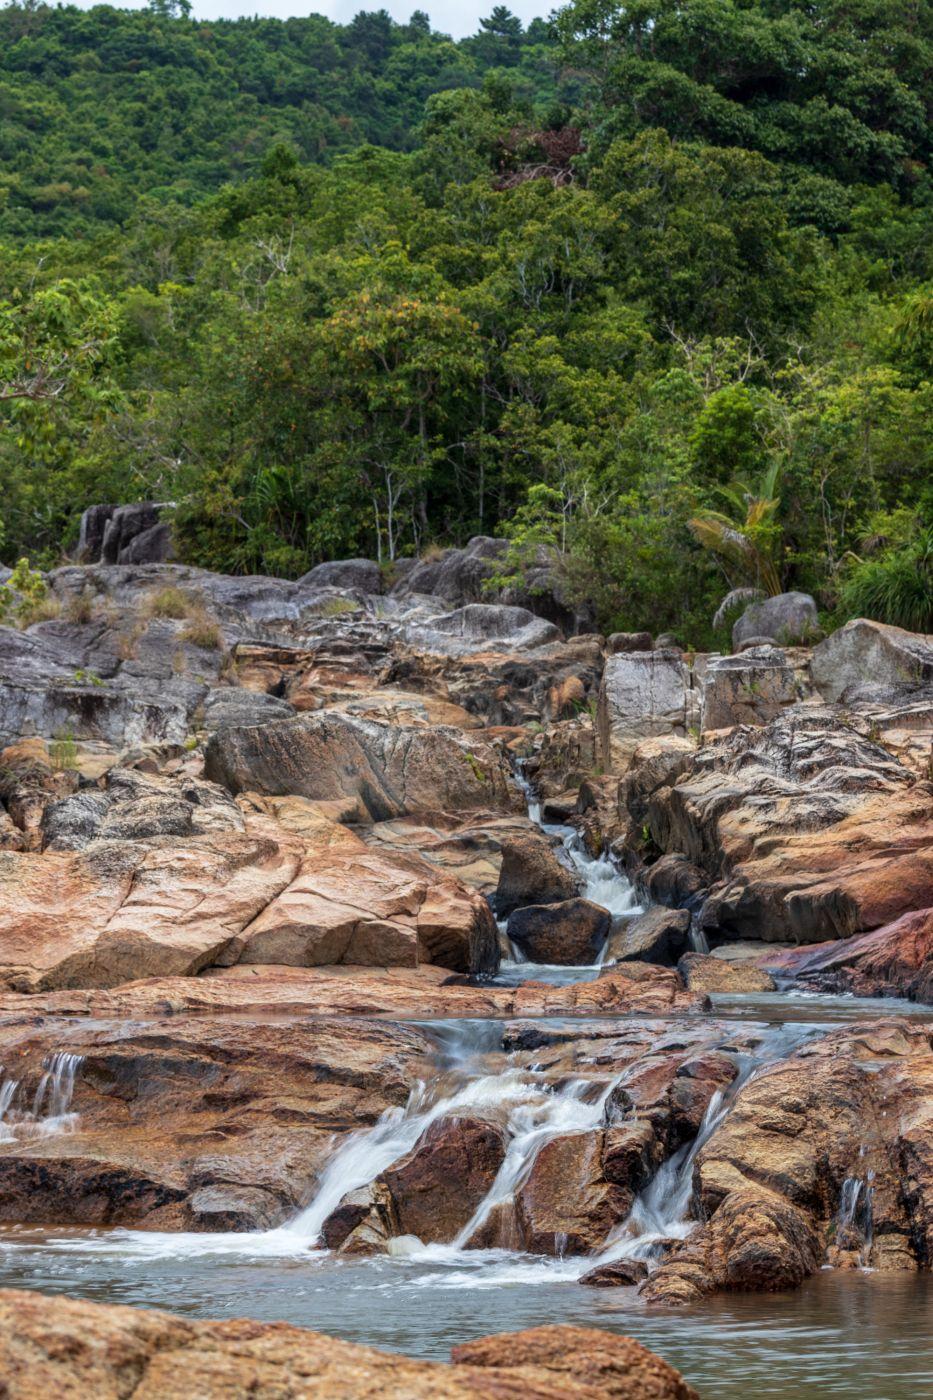 Than Sadet Waterfalls (lower part), Thailand